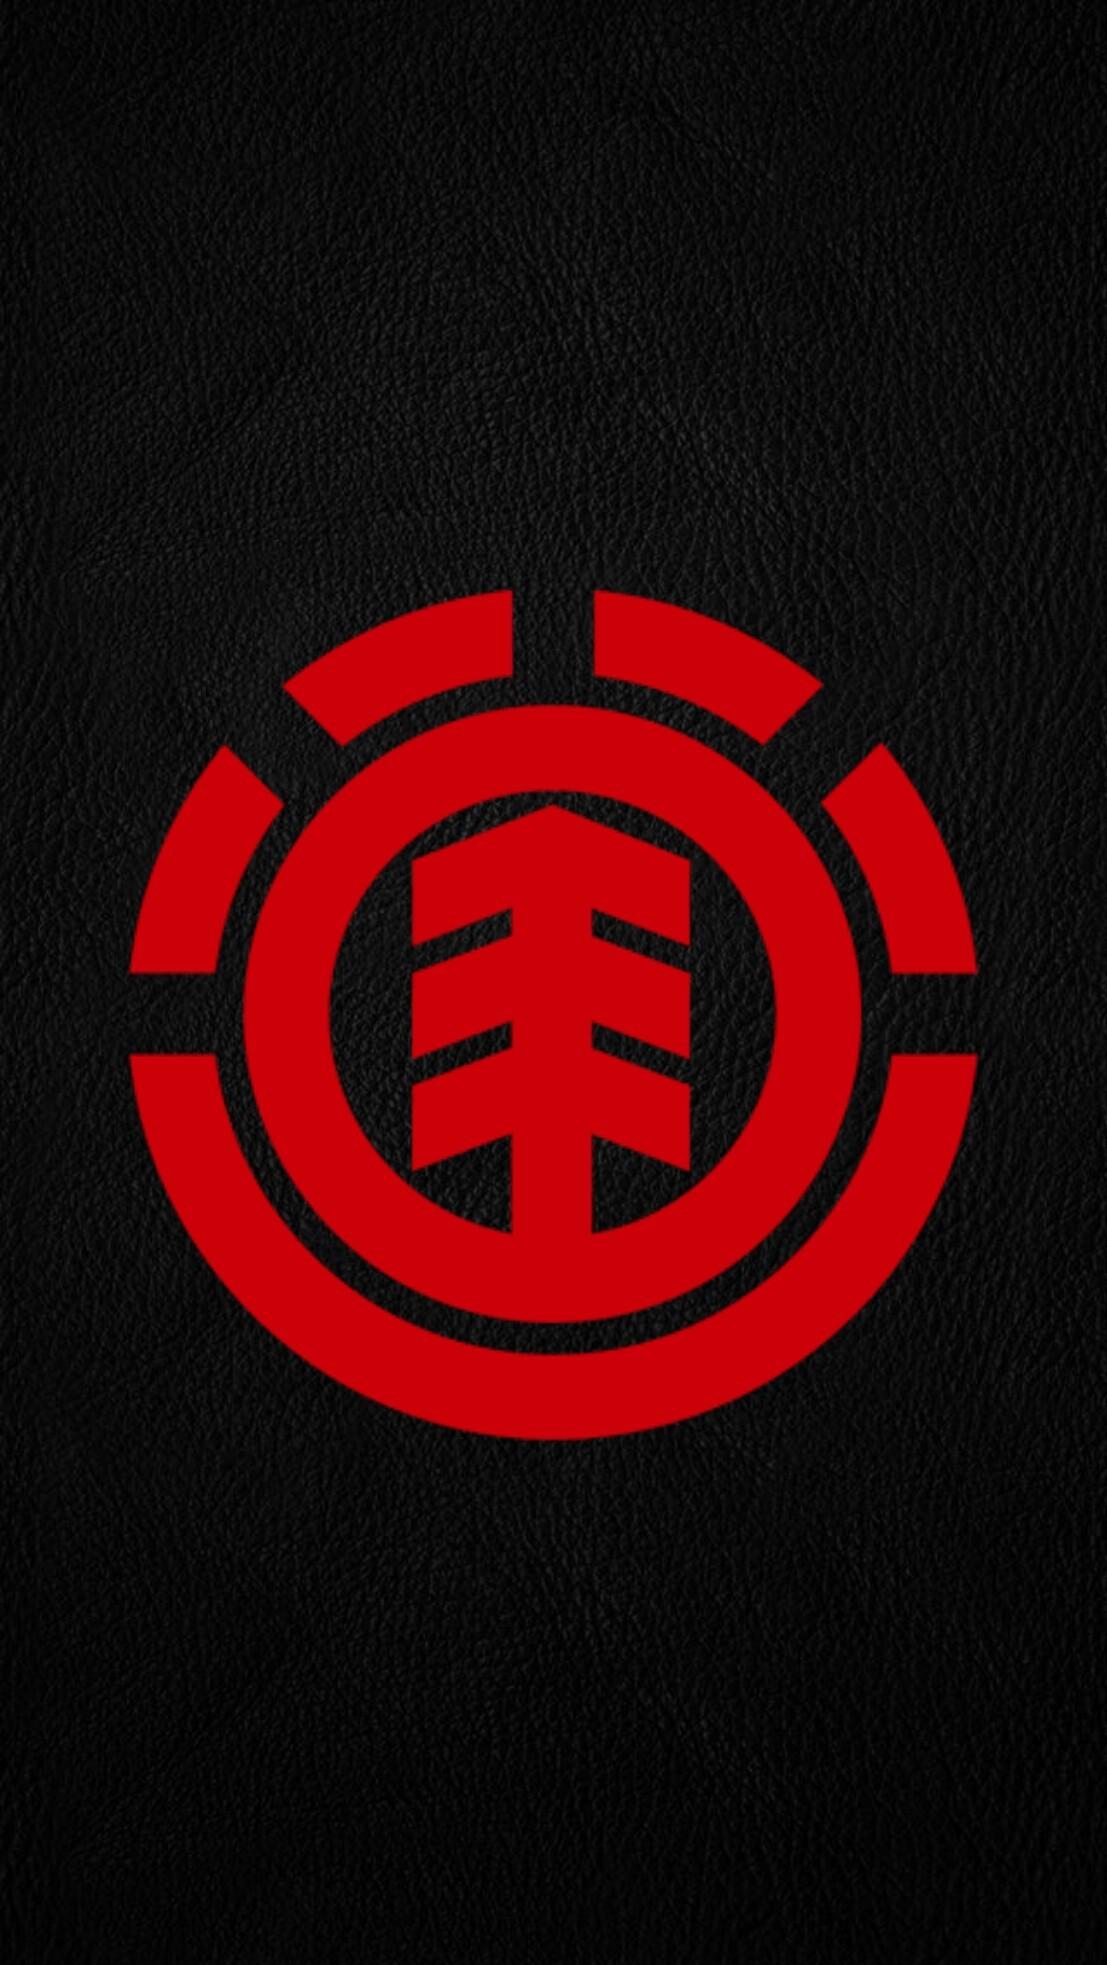 skateboarding logo wallpaper 48 images